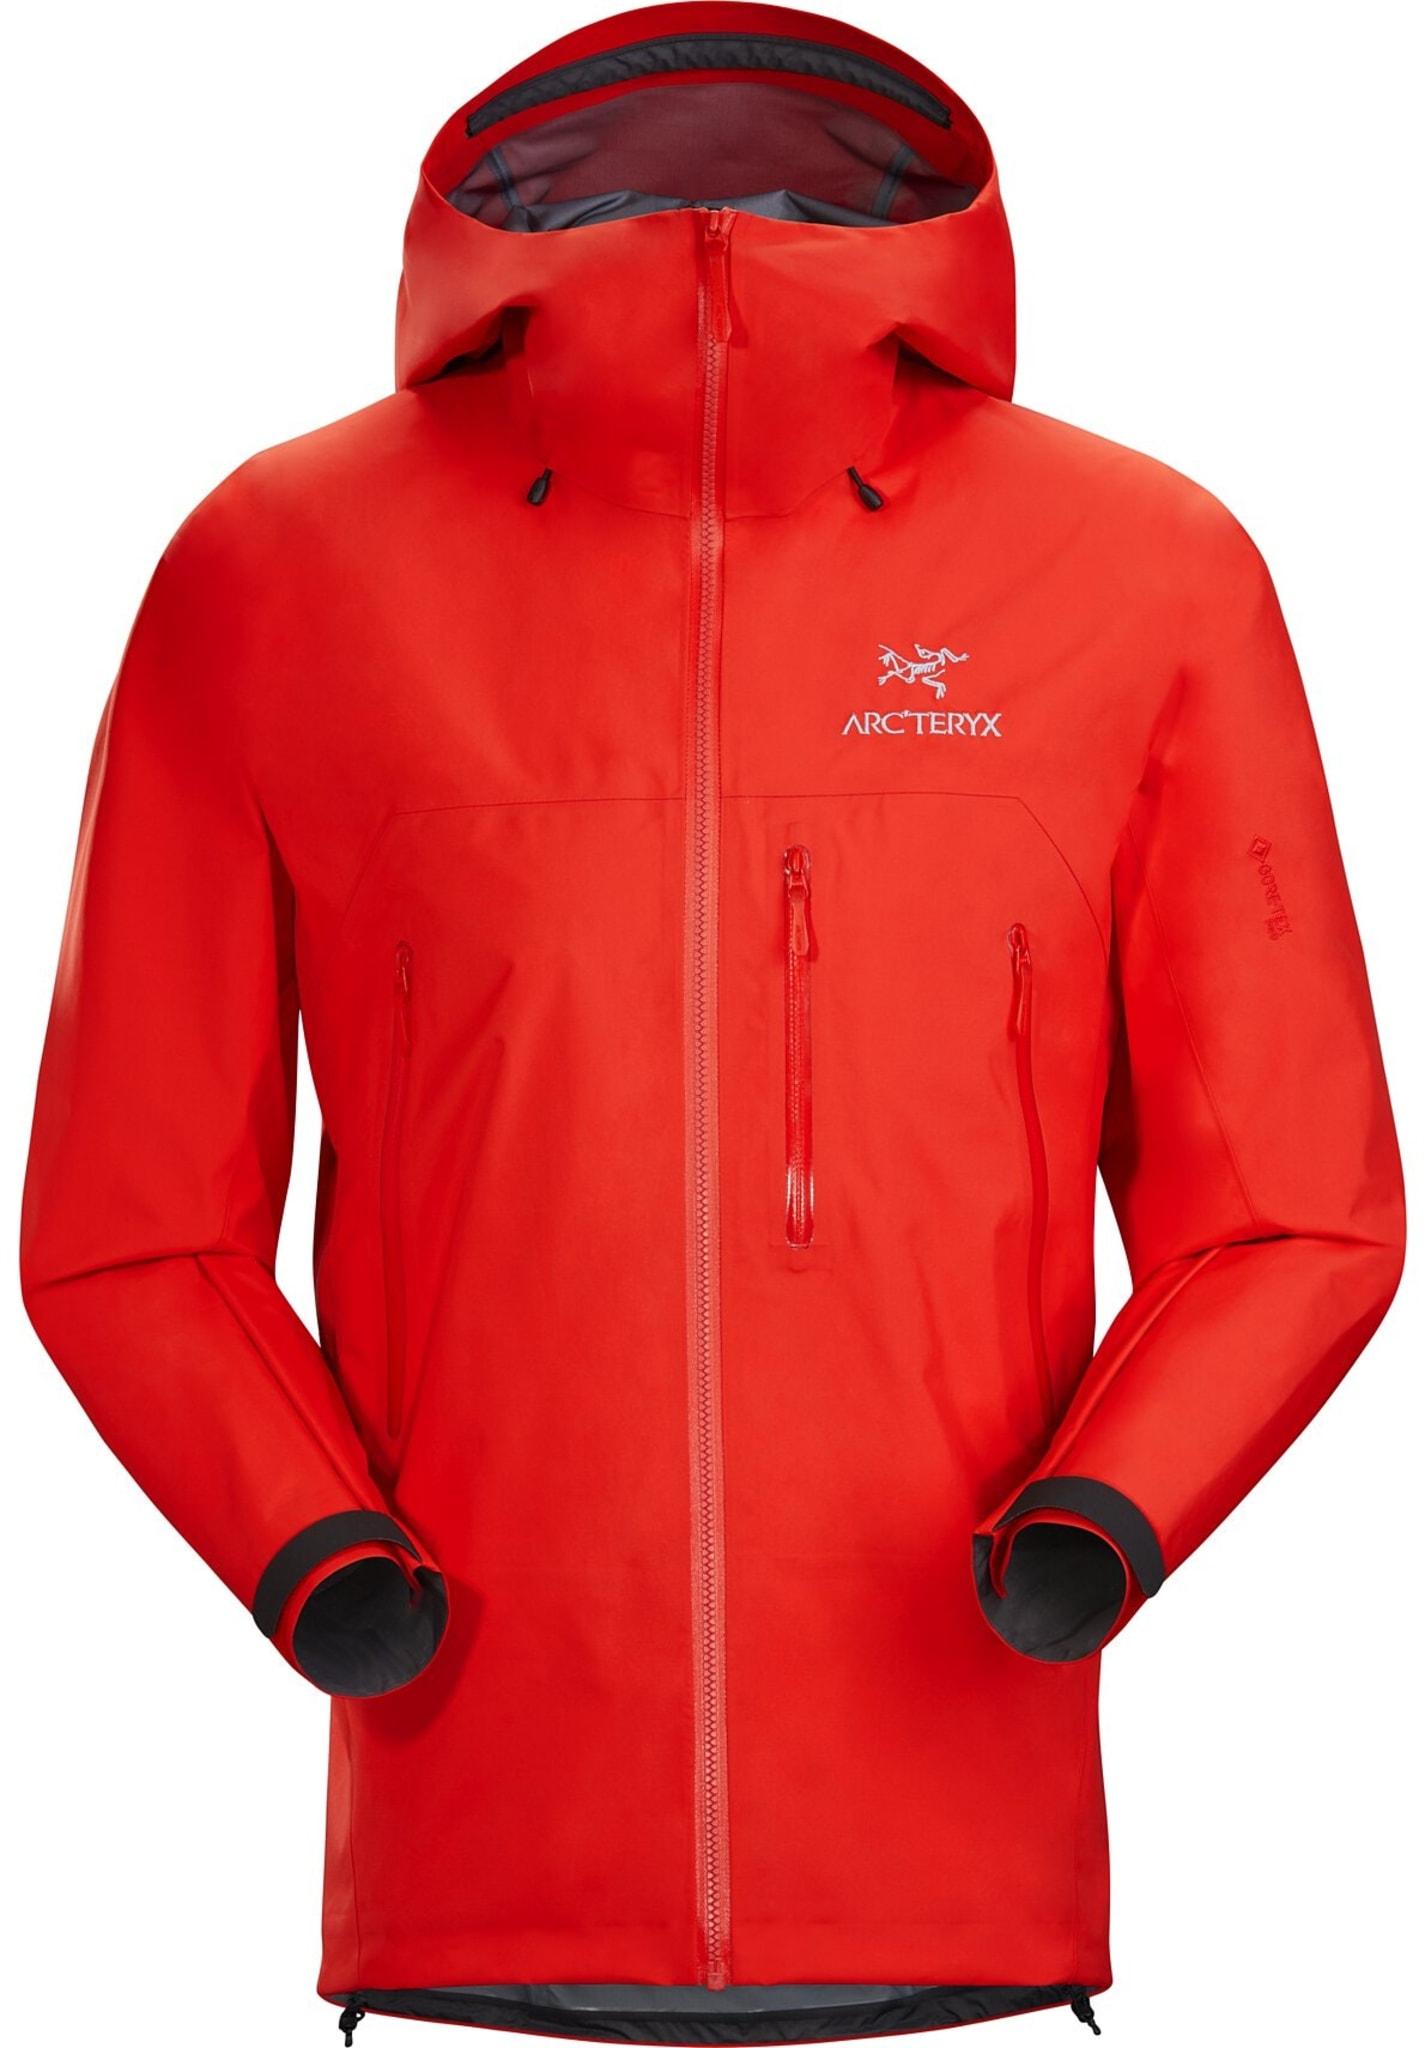 Meget allsidig GORE-TEX PRO-jakke for svært krevende høyfjellsforhold